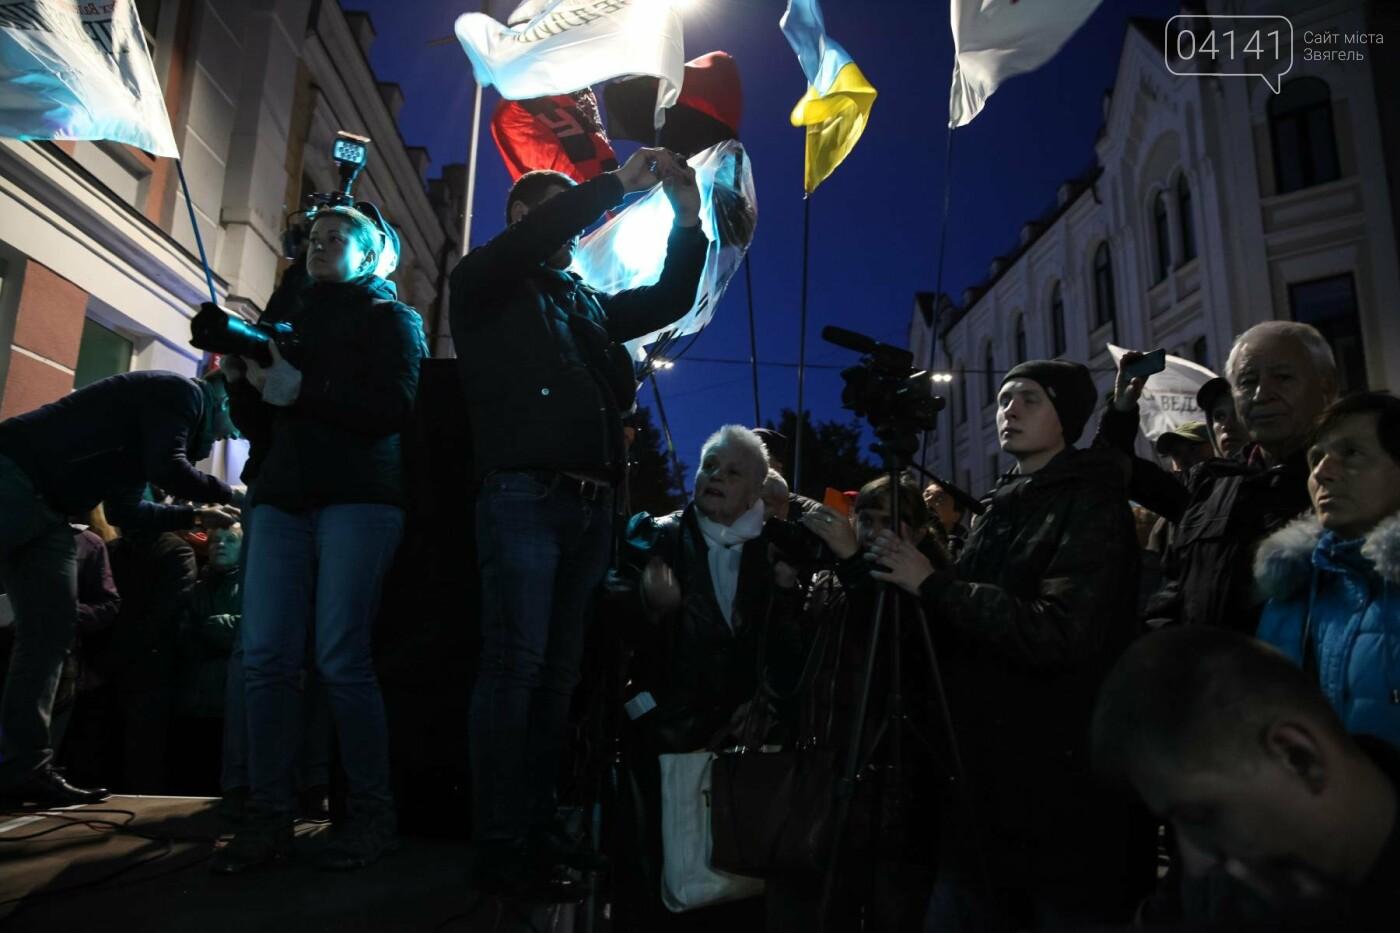 «Ми кажемо цій владі, що так не має бути і розповідаємо як бути повинно », - Наливайченко під час зустрічі в Житомирі, фото-1